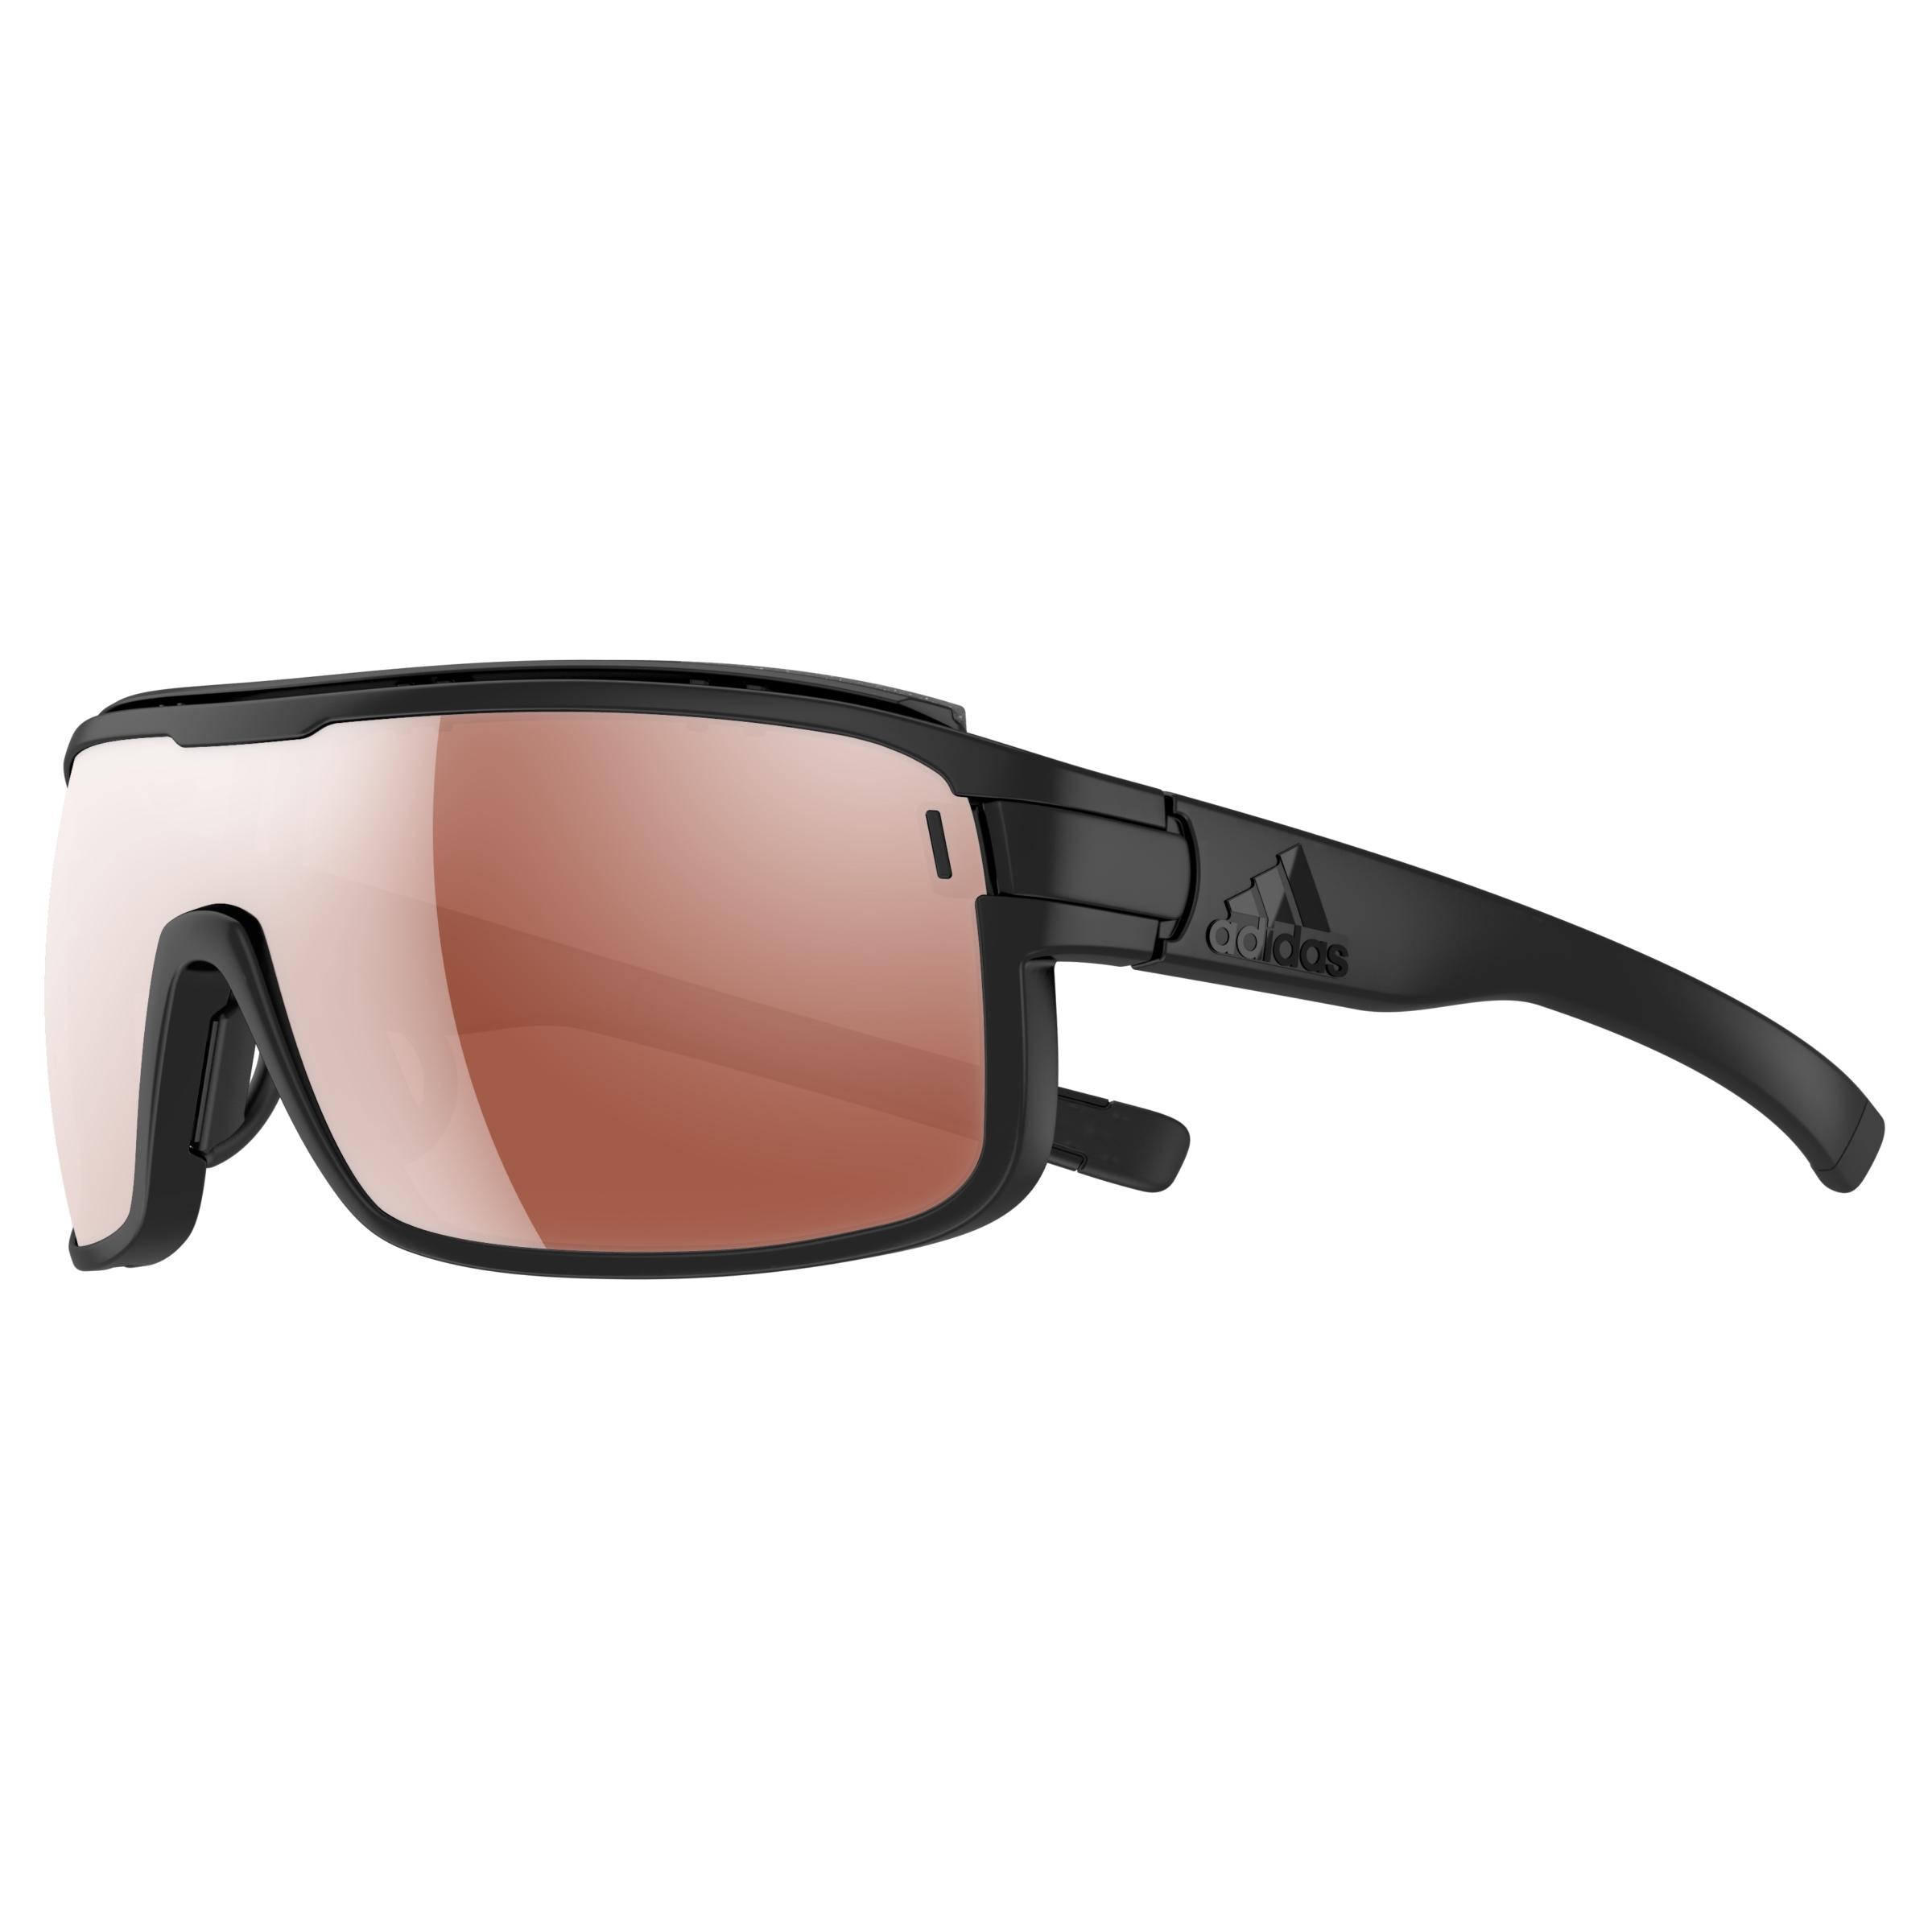 Adidas ad01 6051 zonyk pro Sonnenbrille Sportbrille mdiiIDj7x